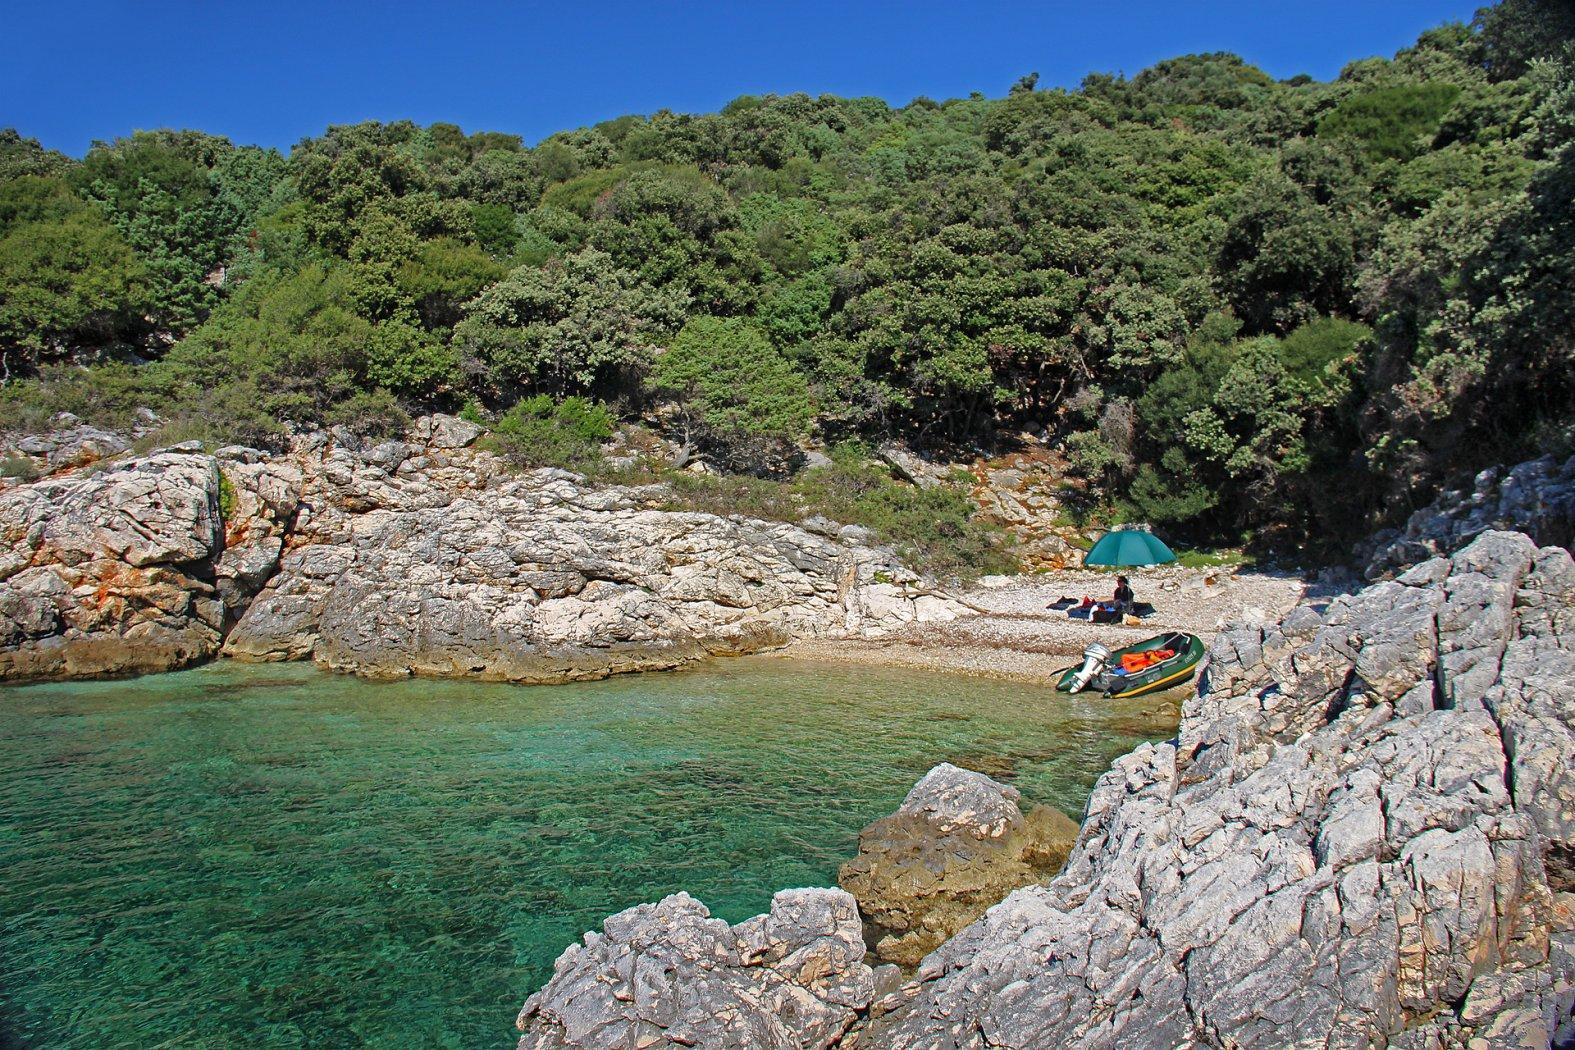 Bootsfahren und Angeln in Kroatien vom Schlauchboot